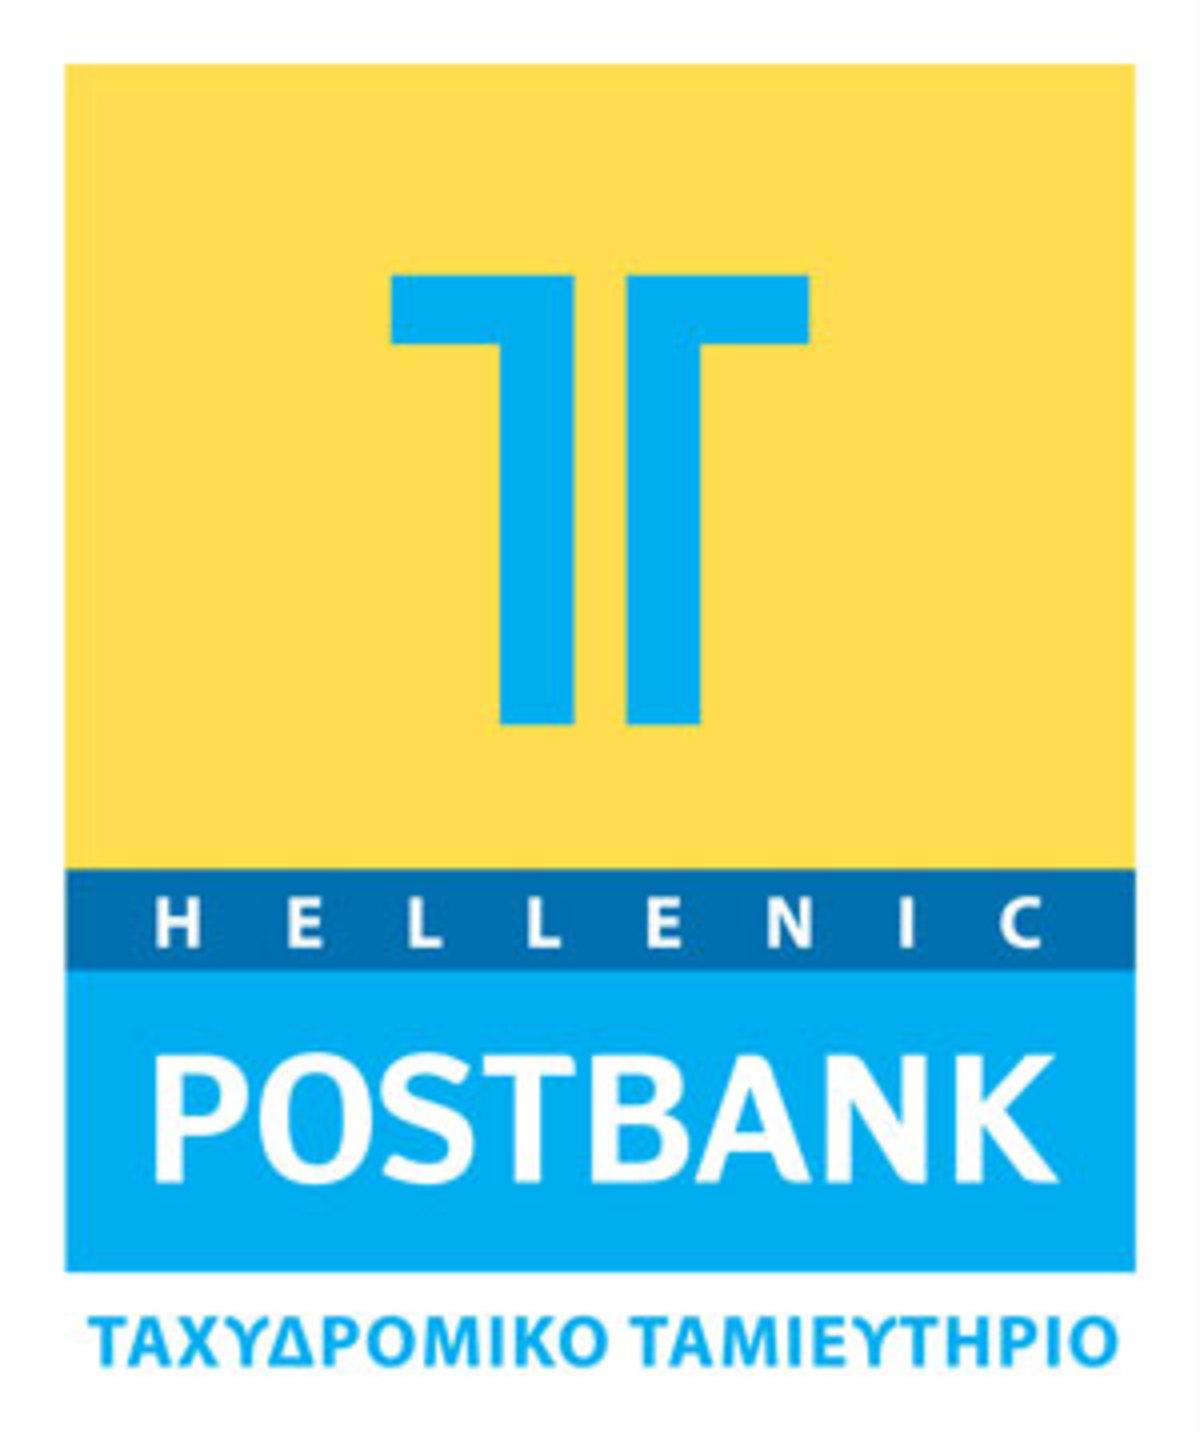 Λογαριασμός Μισθοδοσίας και Σύνταξης από το Ταχυδρομικό Ταμιευτήριο | Newsit.gr